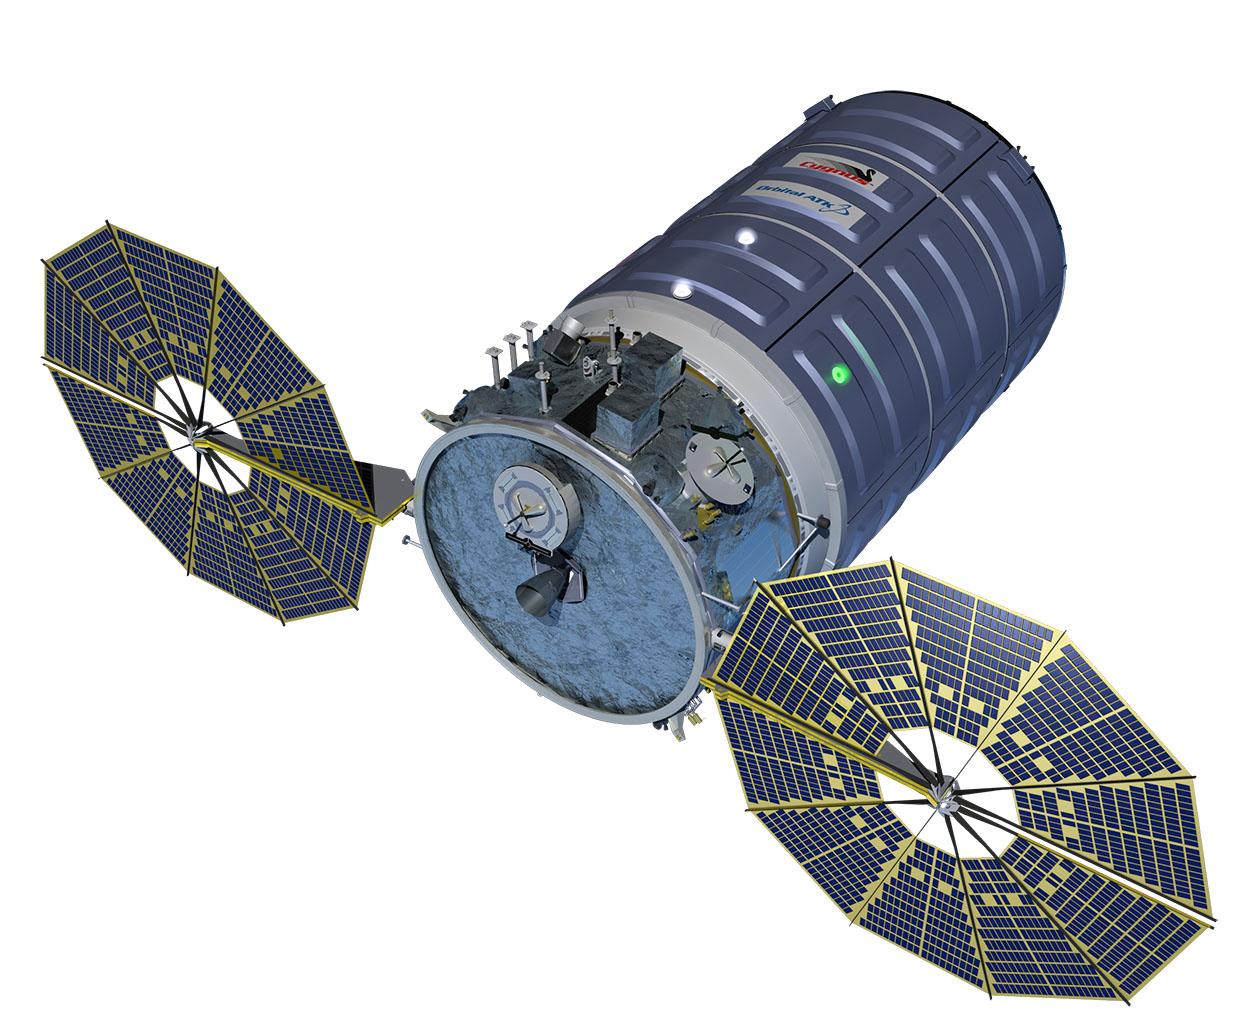 Lancement Atlas V - Cygnus OA-4 (ex Orb-4) - 6 décembre 2015 Orb-4